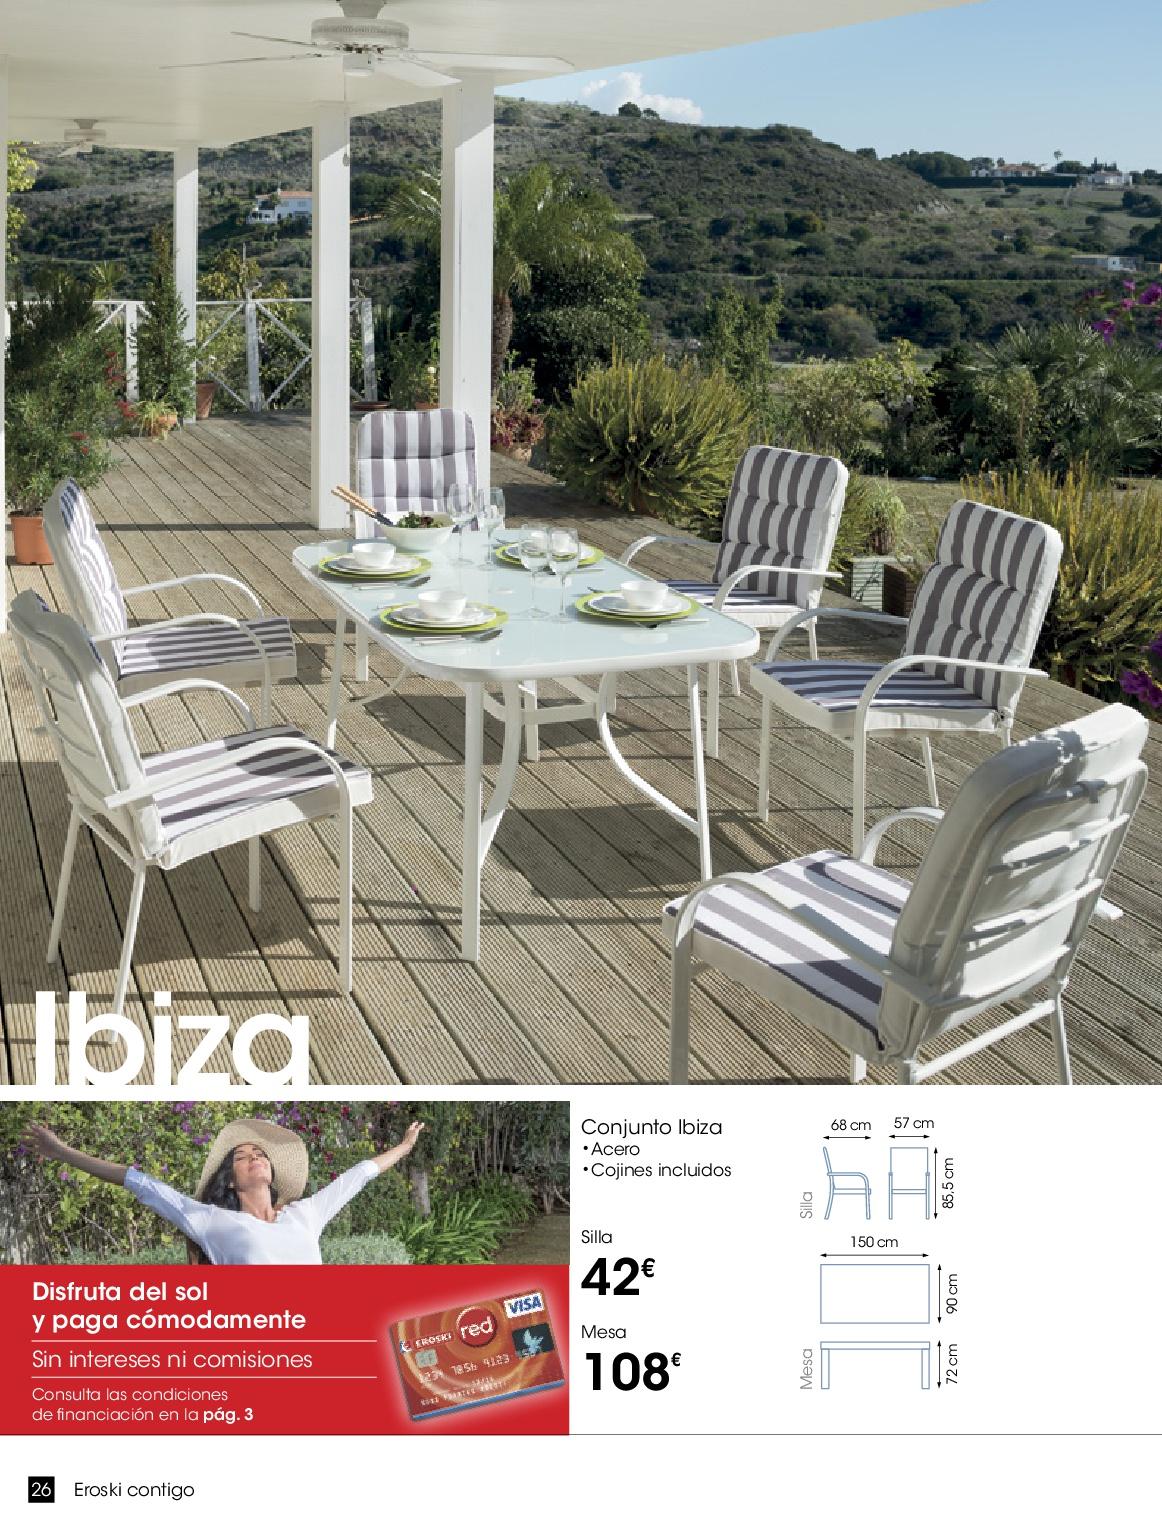 Eroski terraza jardin 201626 - Eroski iluminacion ...